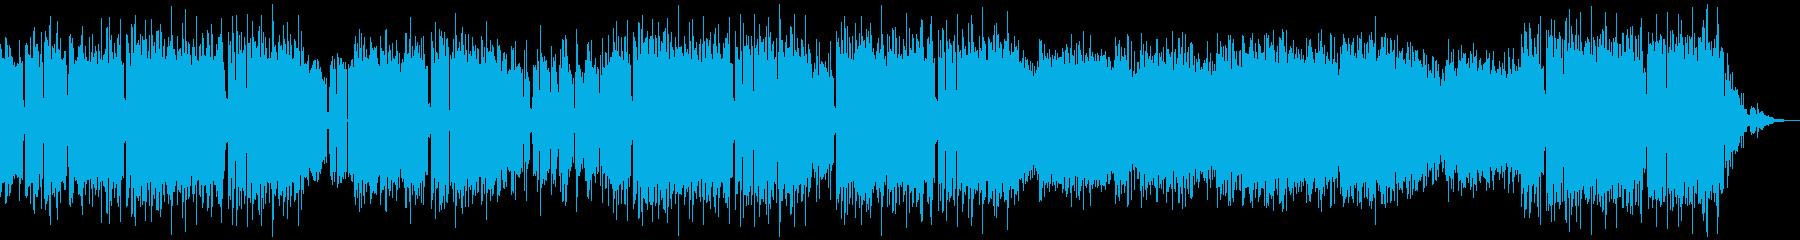 ピアノ ギター フルート チル スローの再生済みの波形